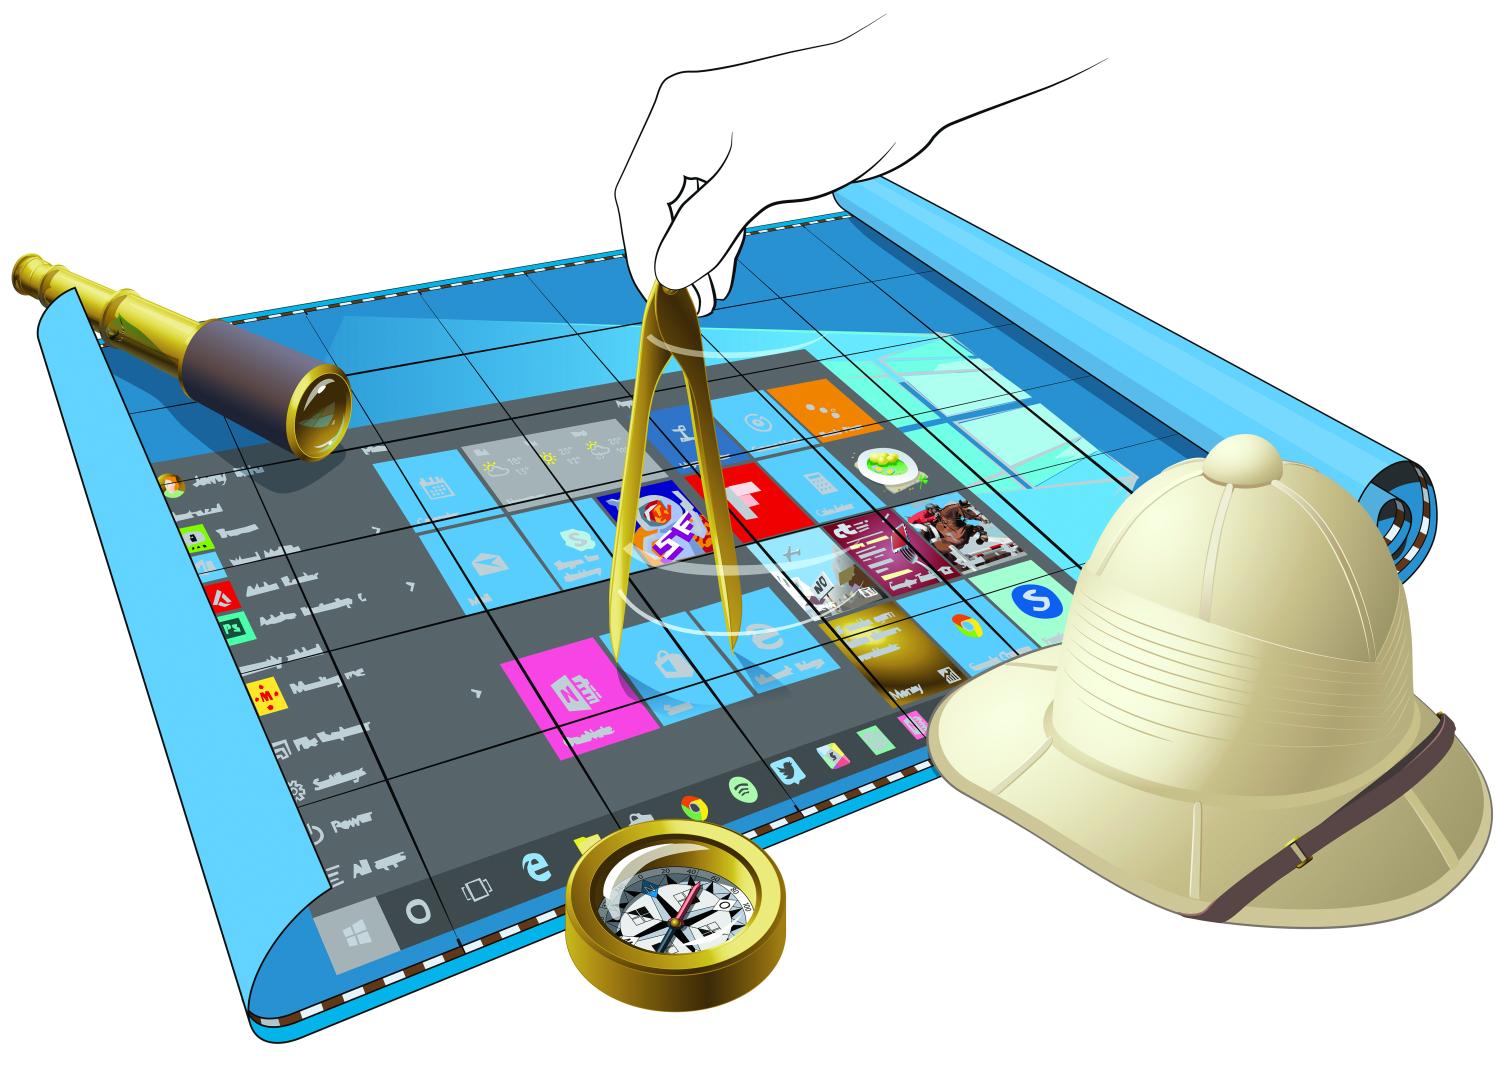 Windows systeem controleren Process Explorer Sysinternals malware bestand verwijderen vastgelopen programma